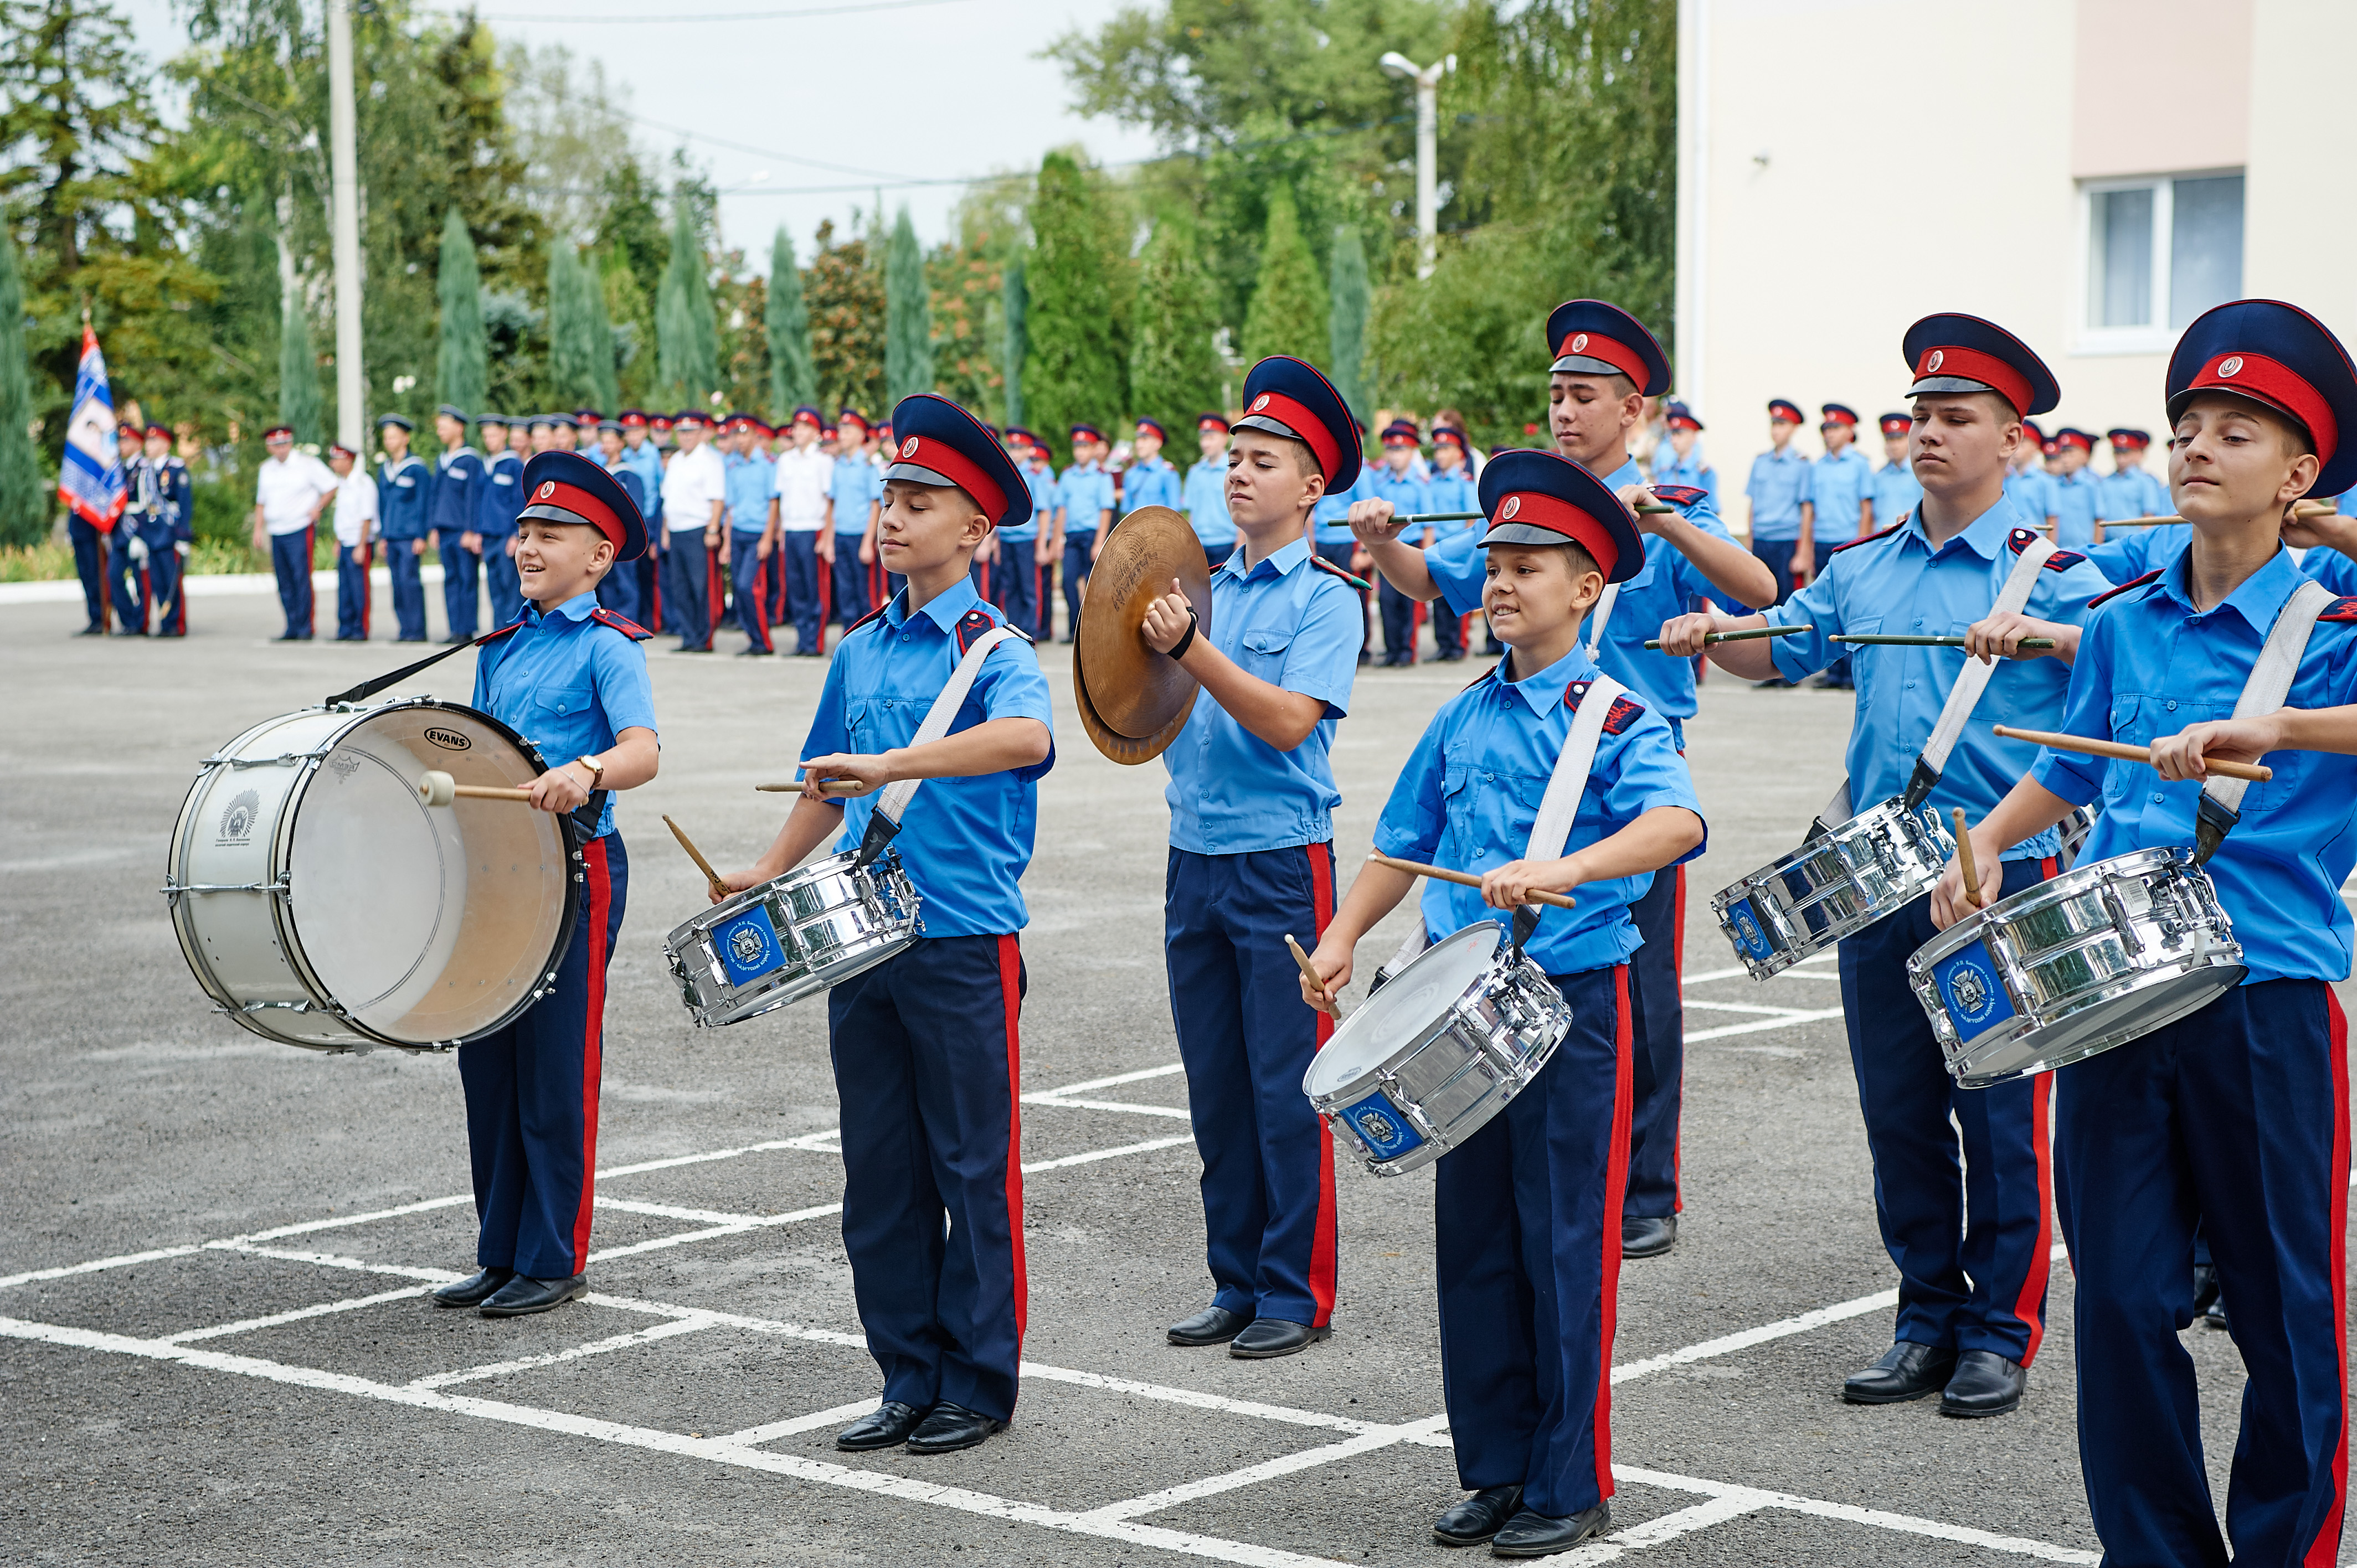 Шахтинский казачий кадетский корпус в День знаний 2019